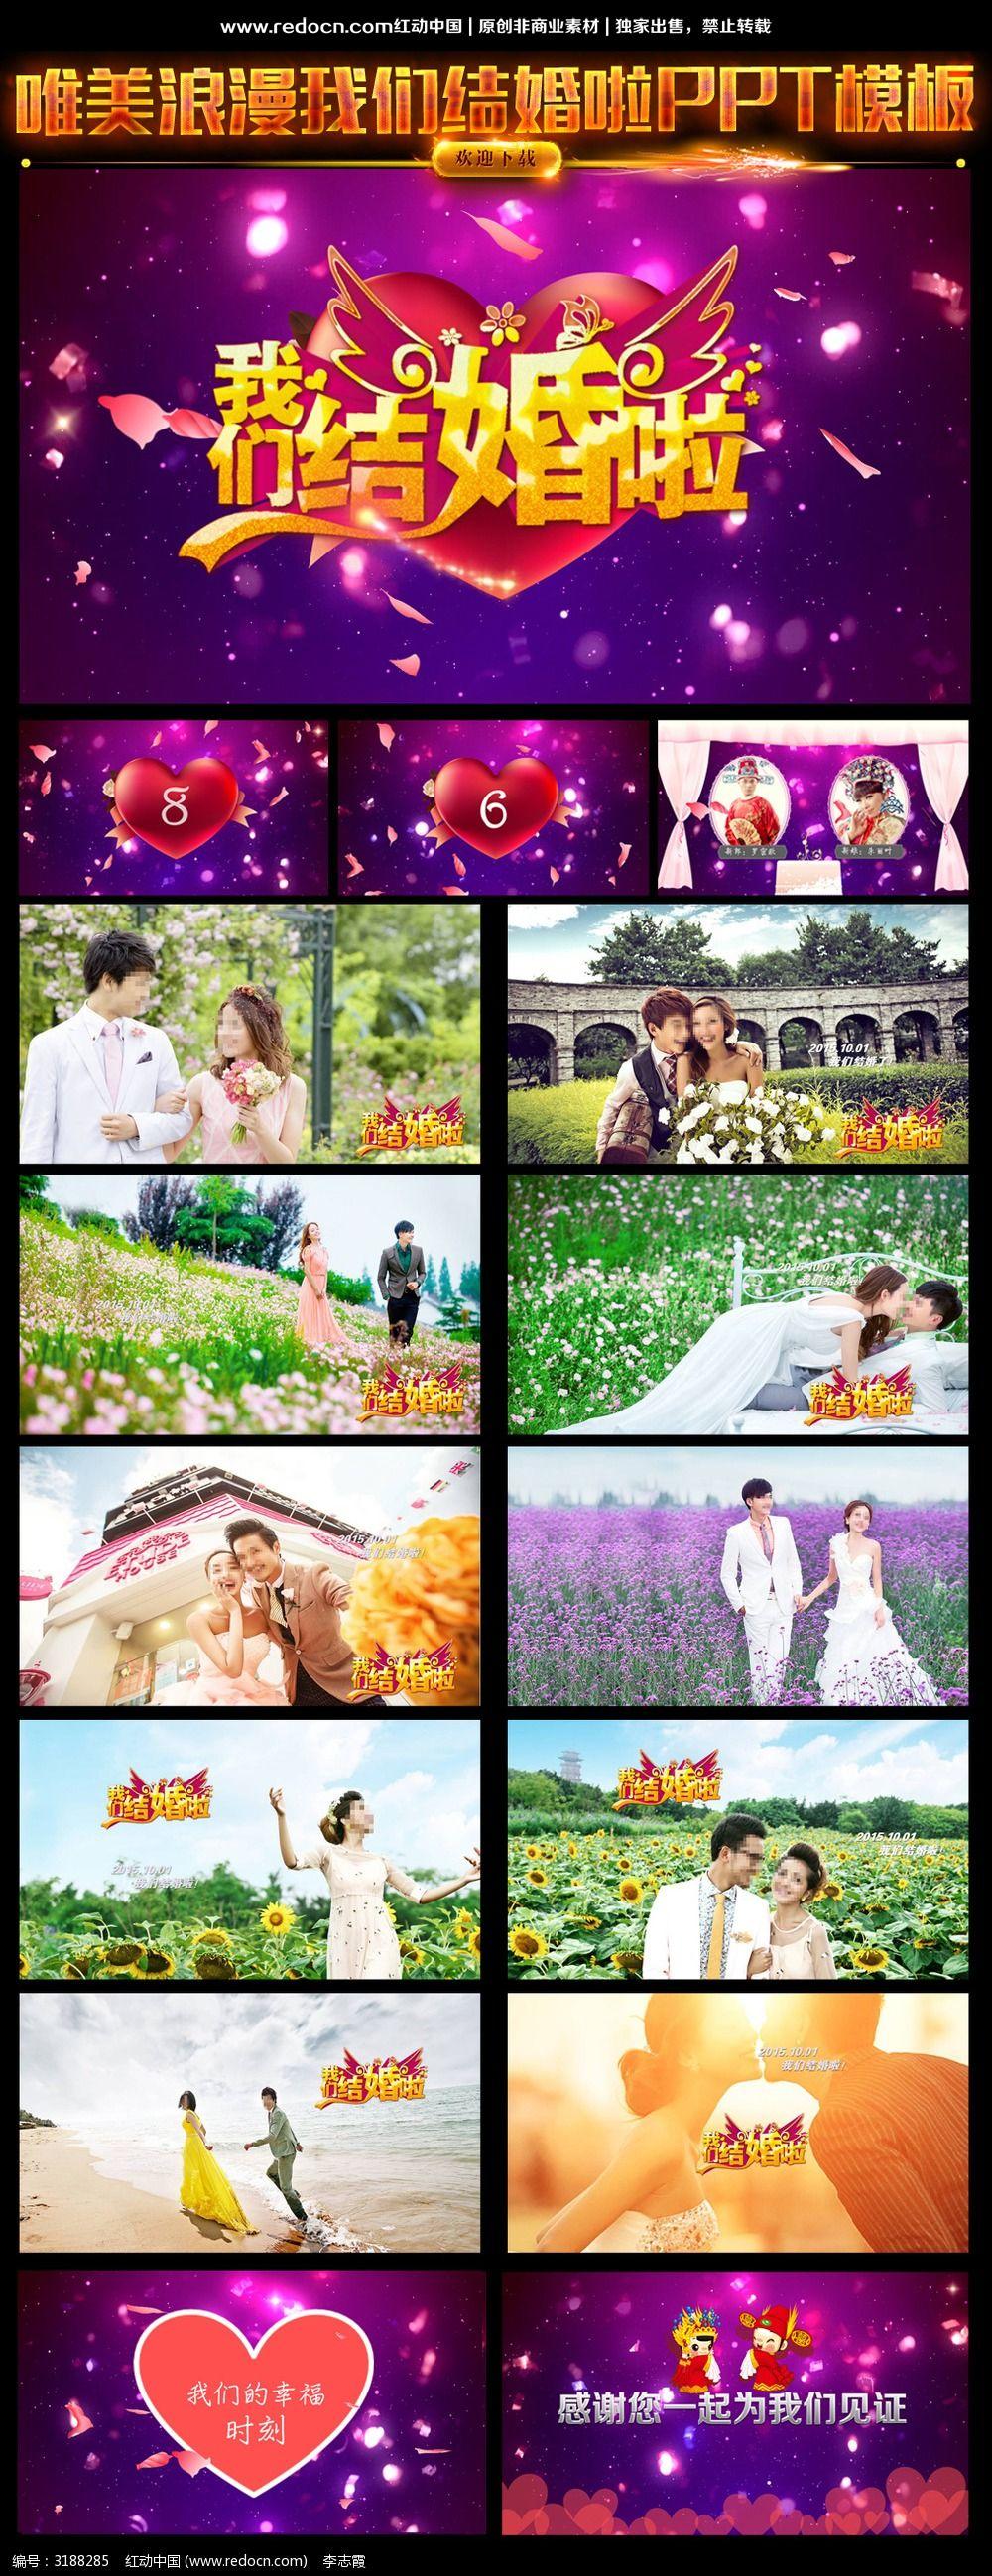 唯美婚礼婚庆PPT模版图片